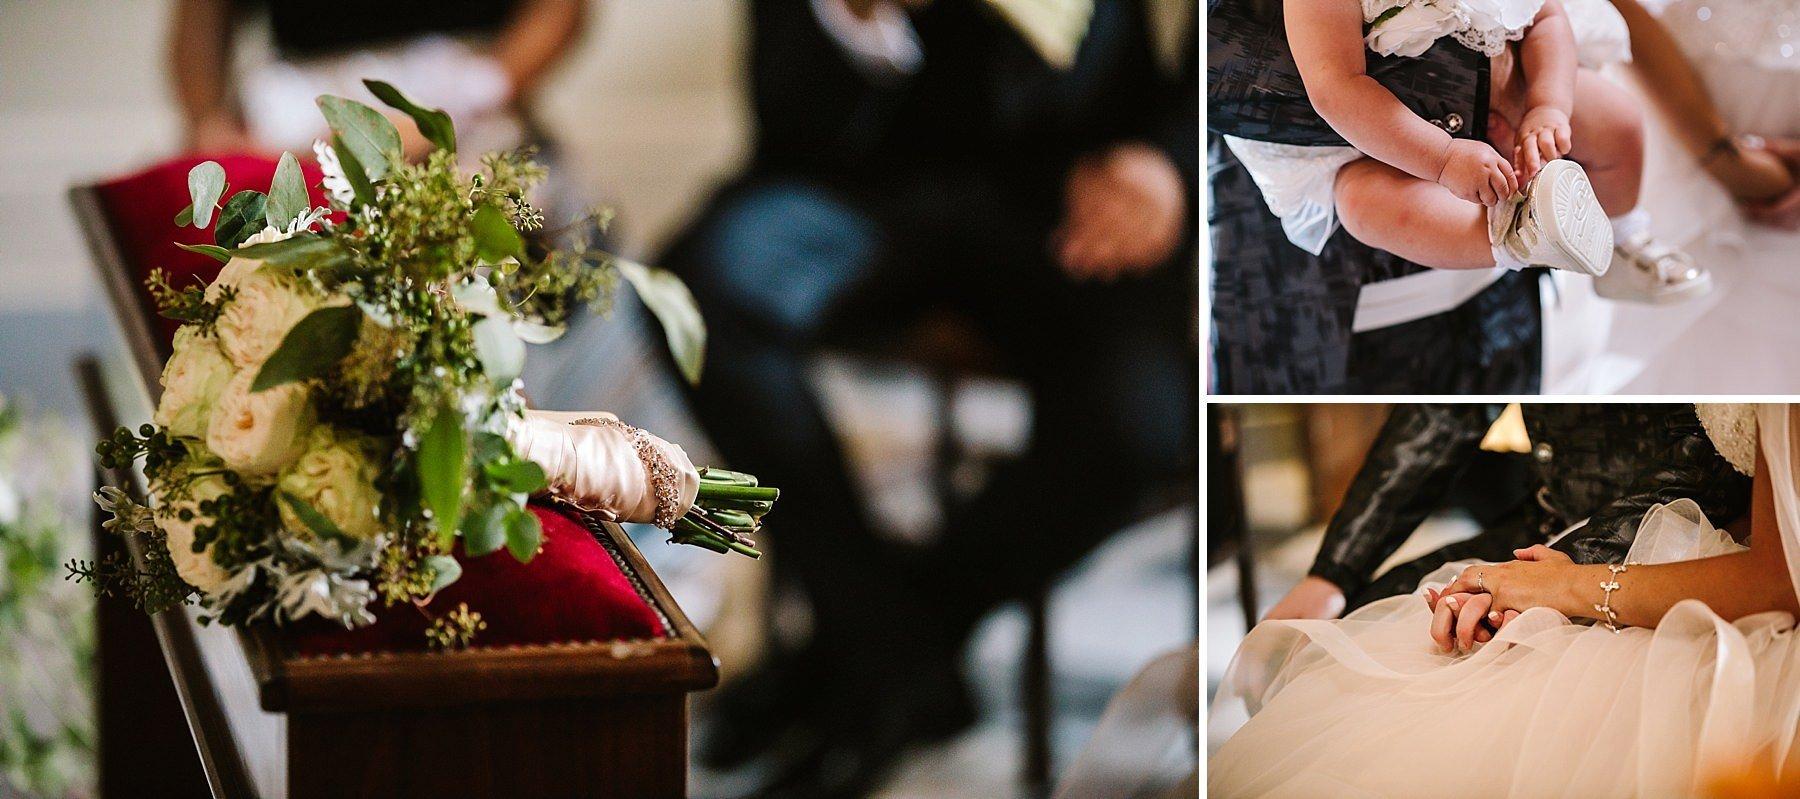 dettagli cerimonia nuziale